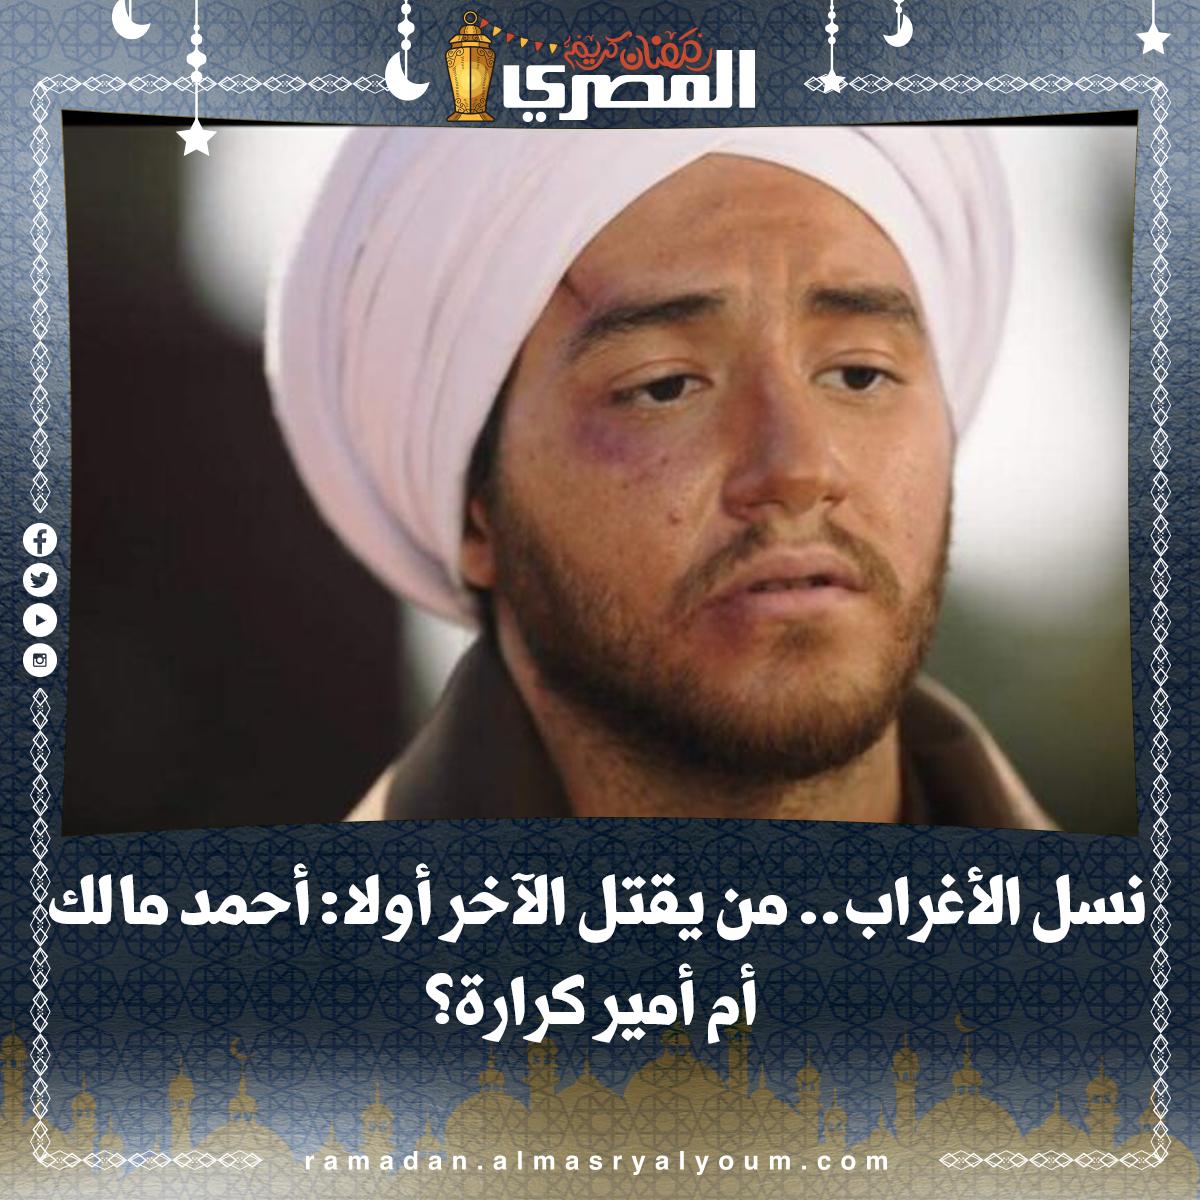 نسل الأغراب.. من يقتل الآخر أولا أحمد مالك أم أمير كرارة؟